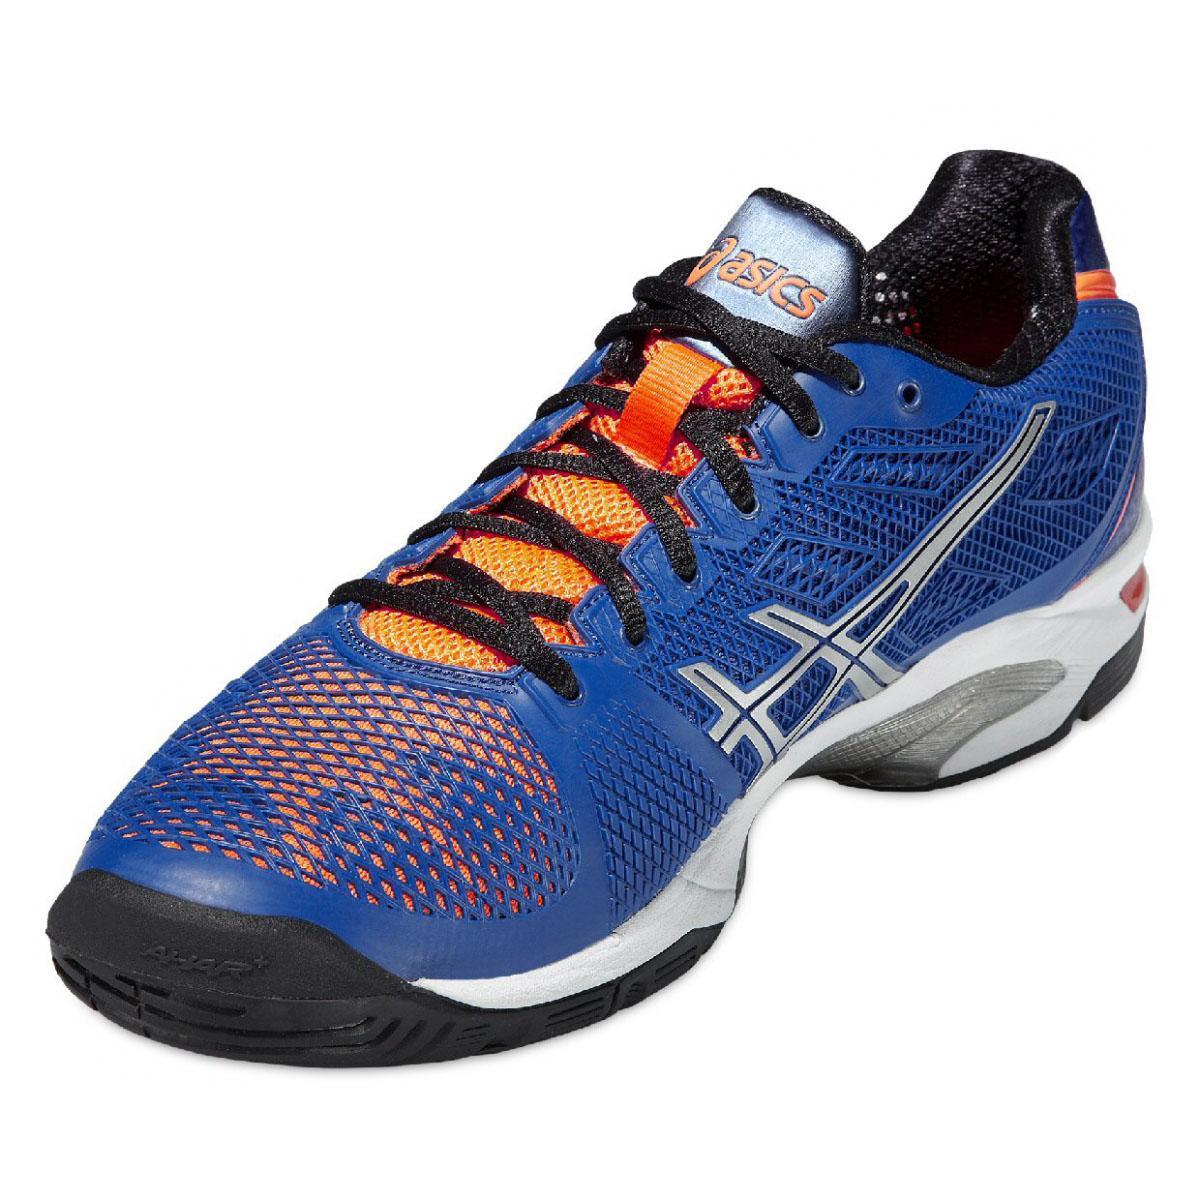 asics mens gel solution speed 2 tennis shoes blue flash. Black Bedroom Furniture Sets. Home Design Ideas